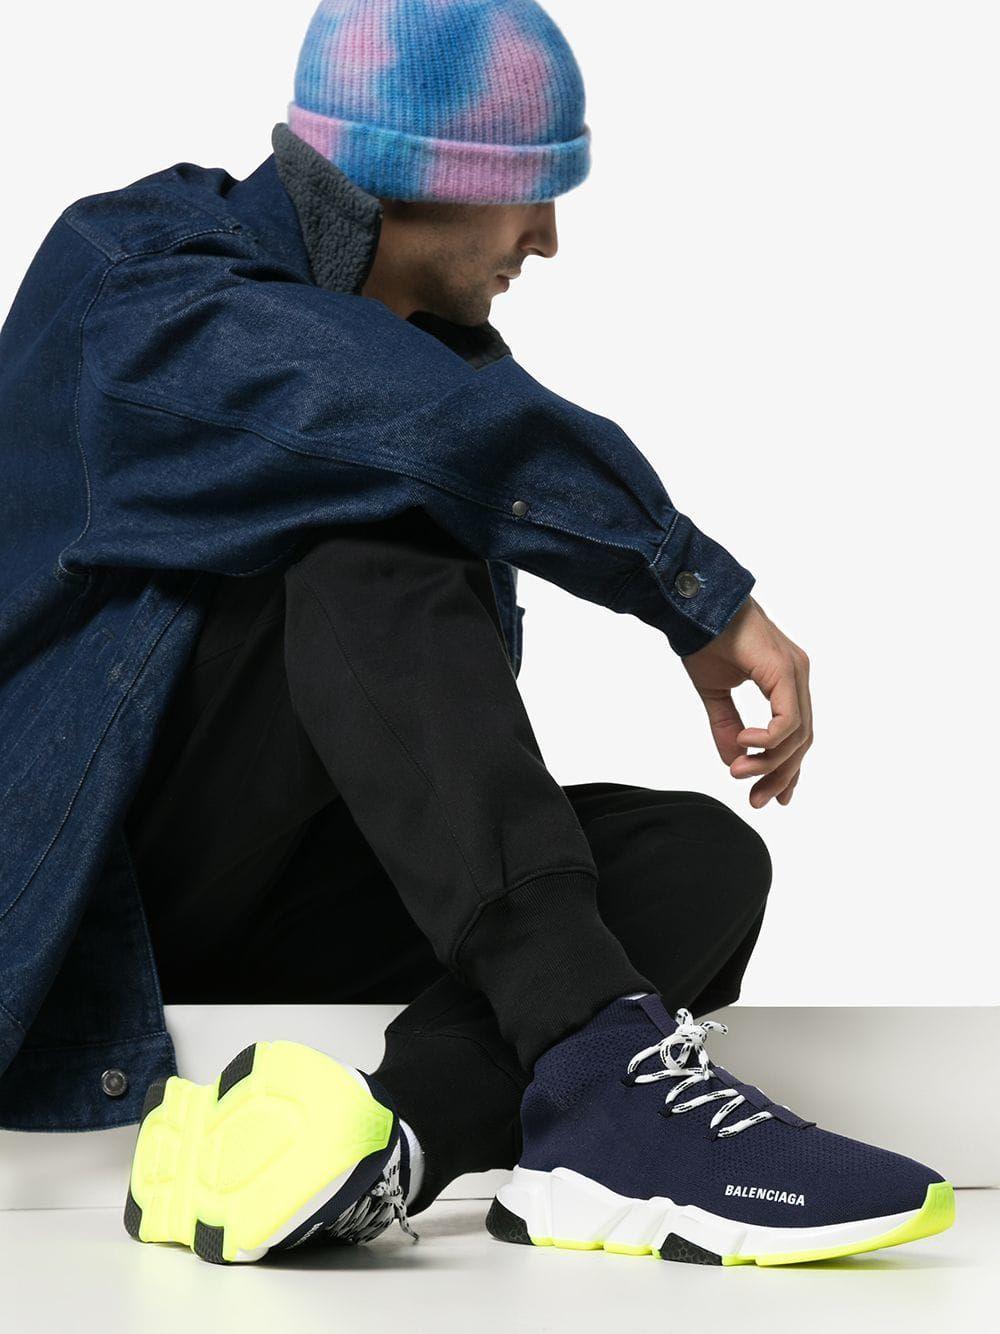 BALENCIAGA BALENCIAGA ATLANTIC BLUE SPEED FABRIC SNEAKERS.  balenciaga   shoes 5b57c7e04f91